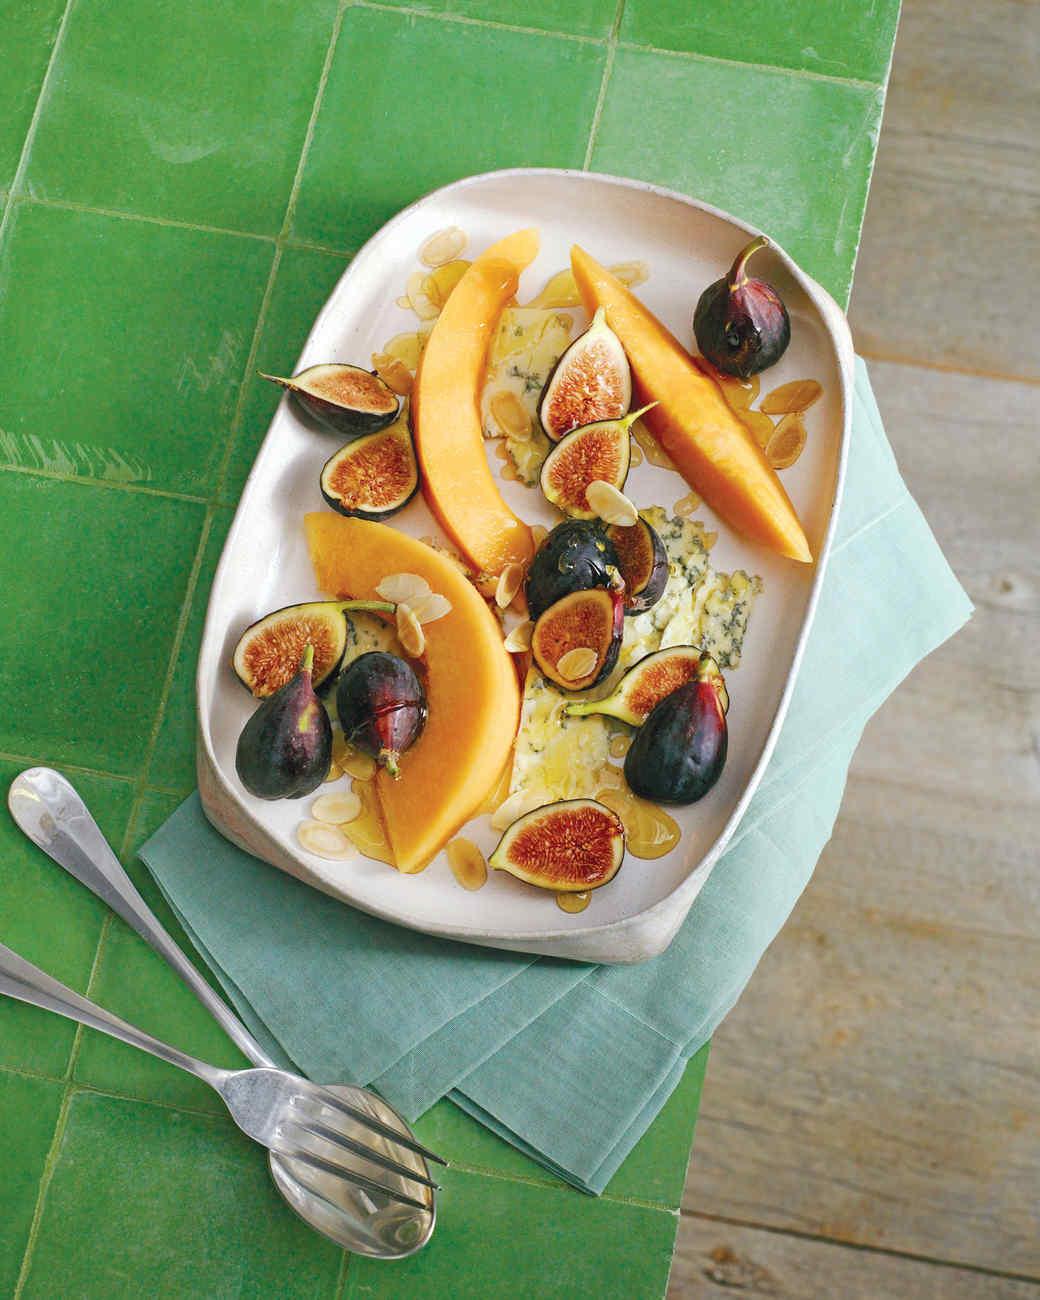 fig-melon-salad-0811mld104304.jpg